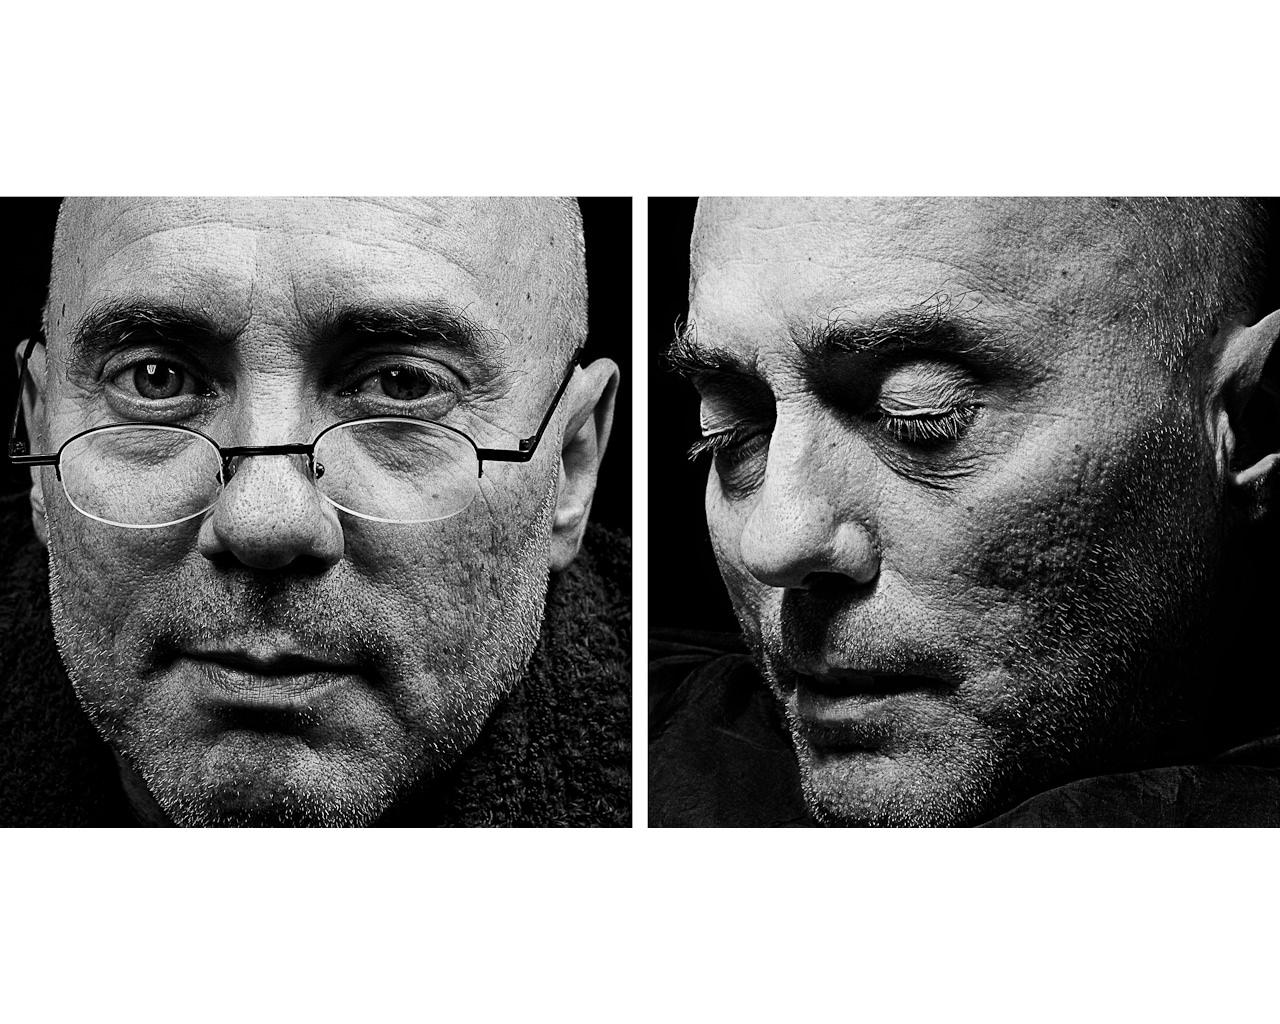 Heiner Schmitz, 52 Jahre alt | Erstes Porträt: 19.11.2003, † 14.12.2003